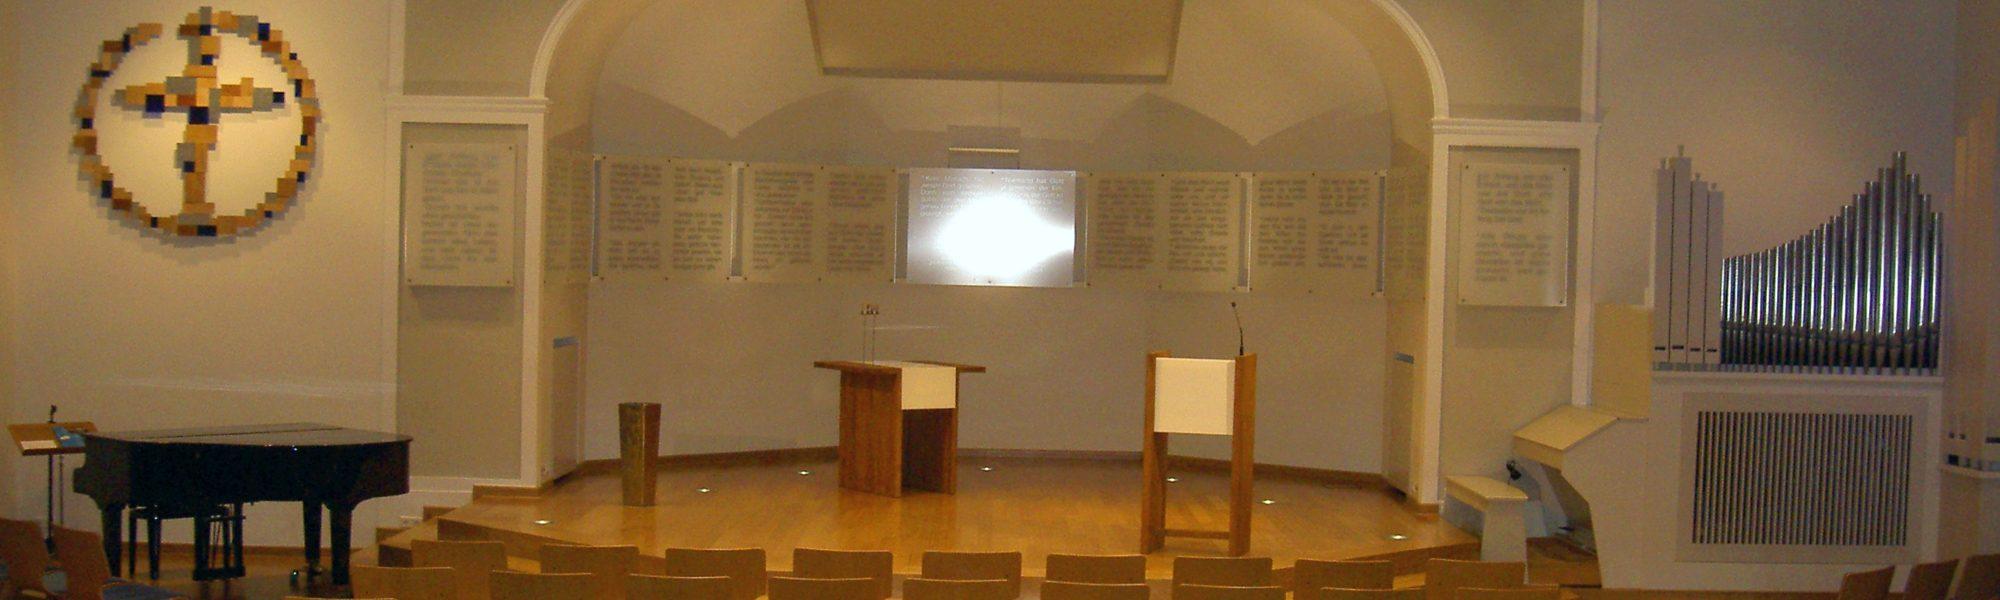 Freie evangelische Gemeinde Wuppertal Barmen - Gottesdienst